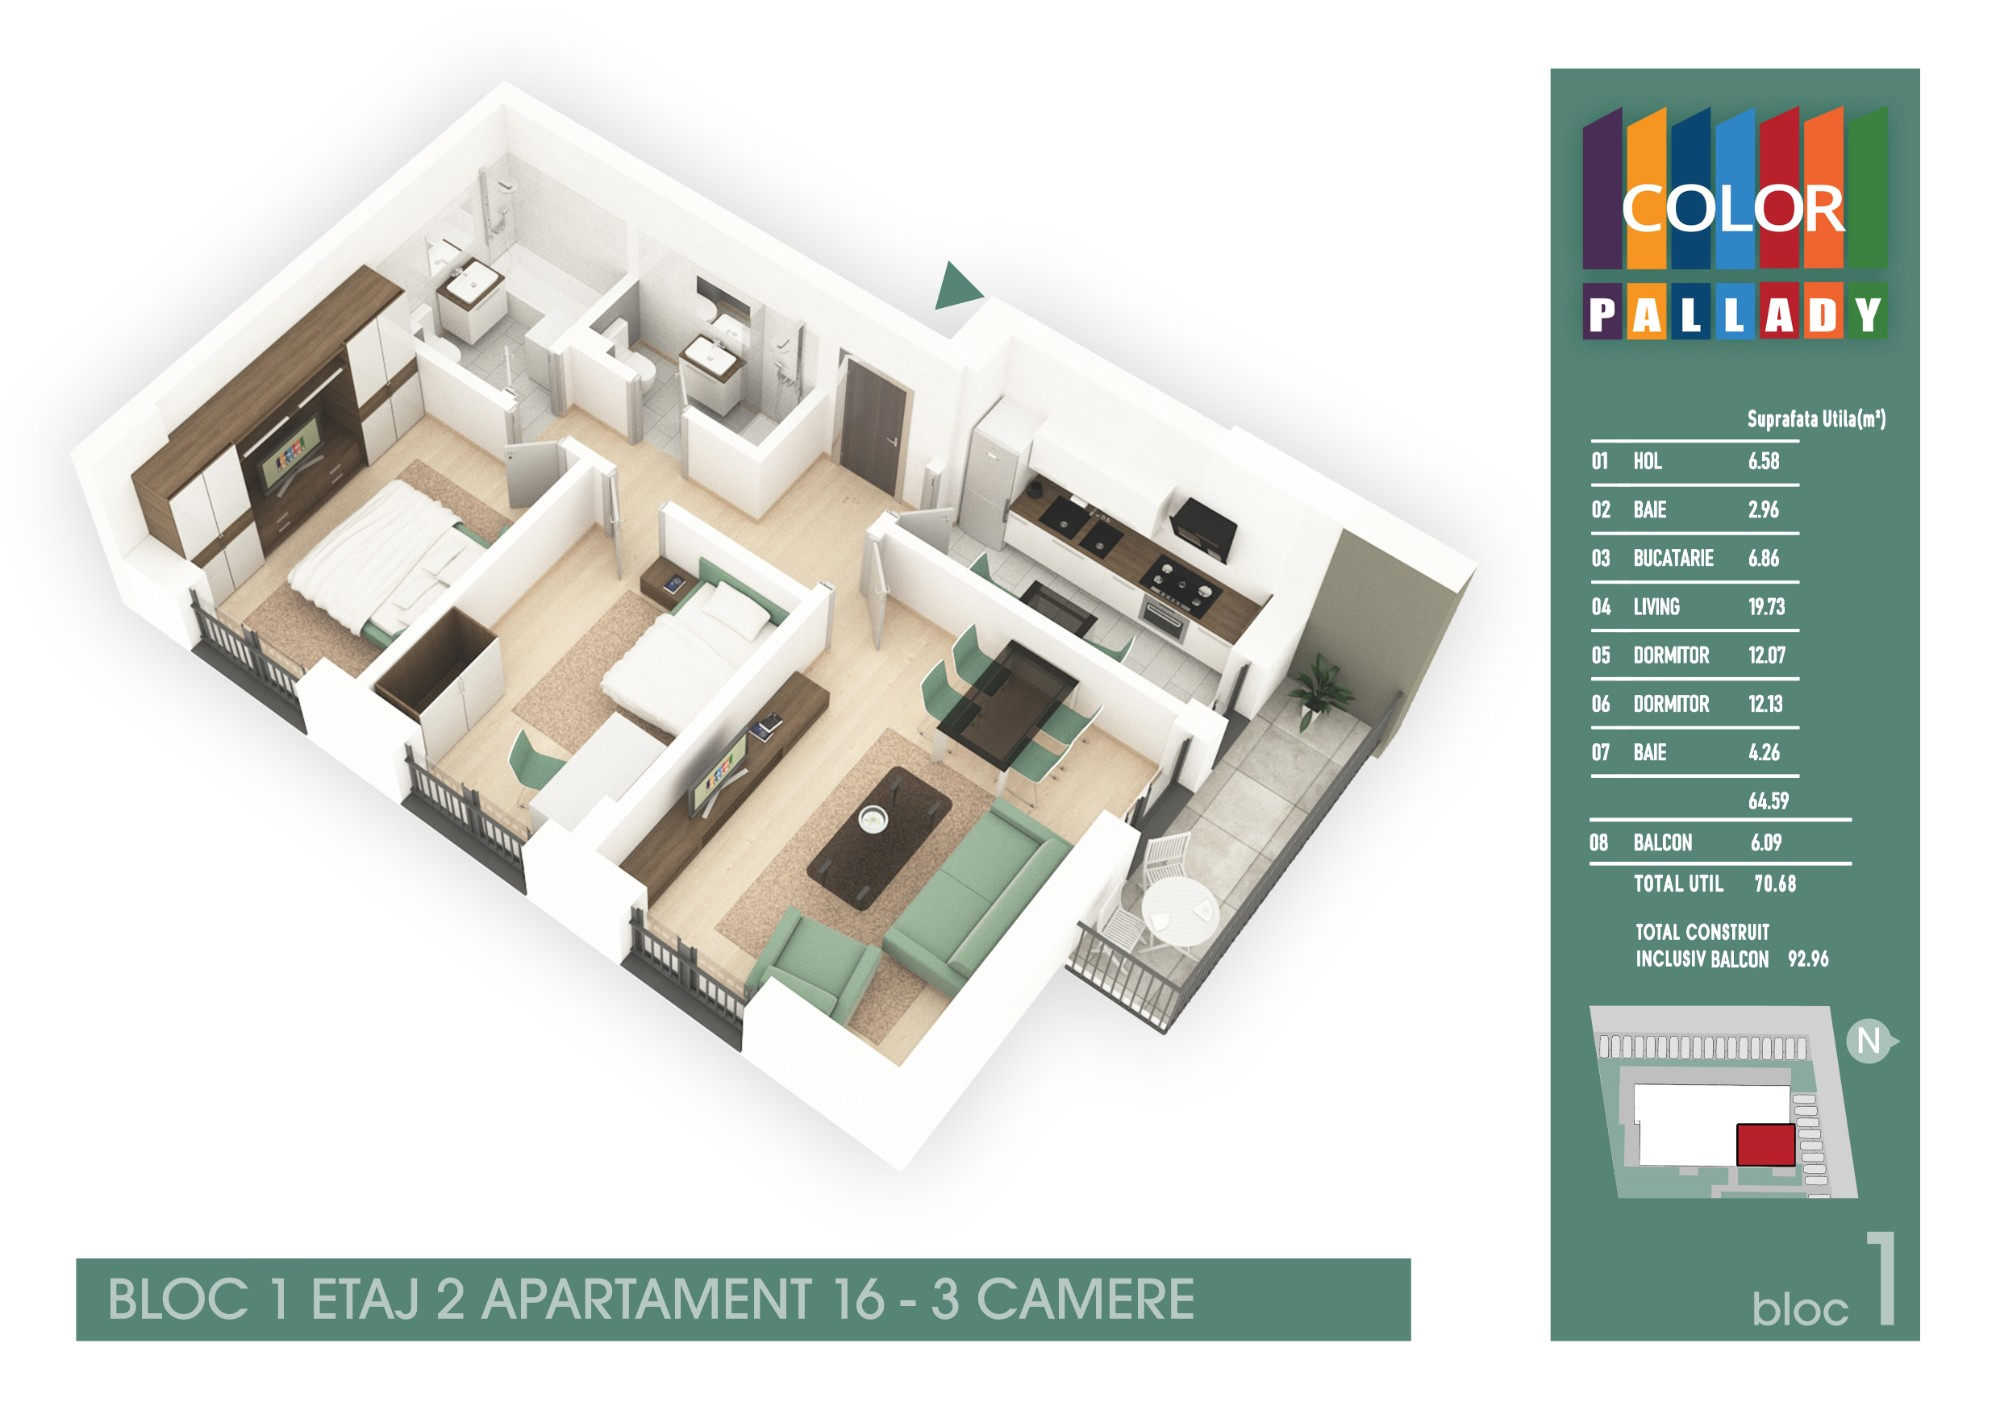 Bloc 1 - Etaj 2 - Apartament 16